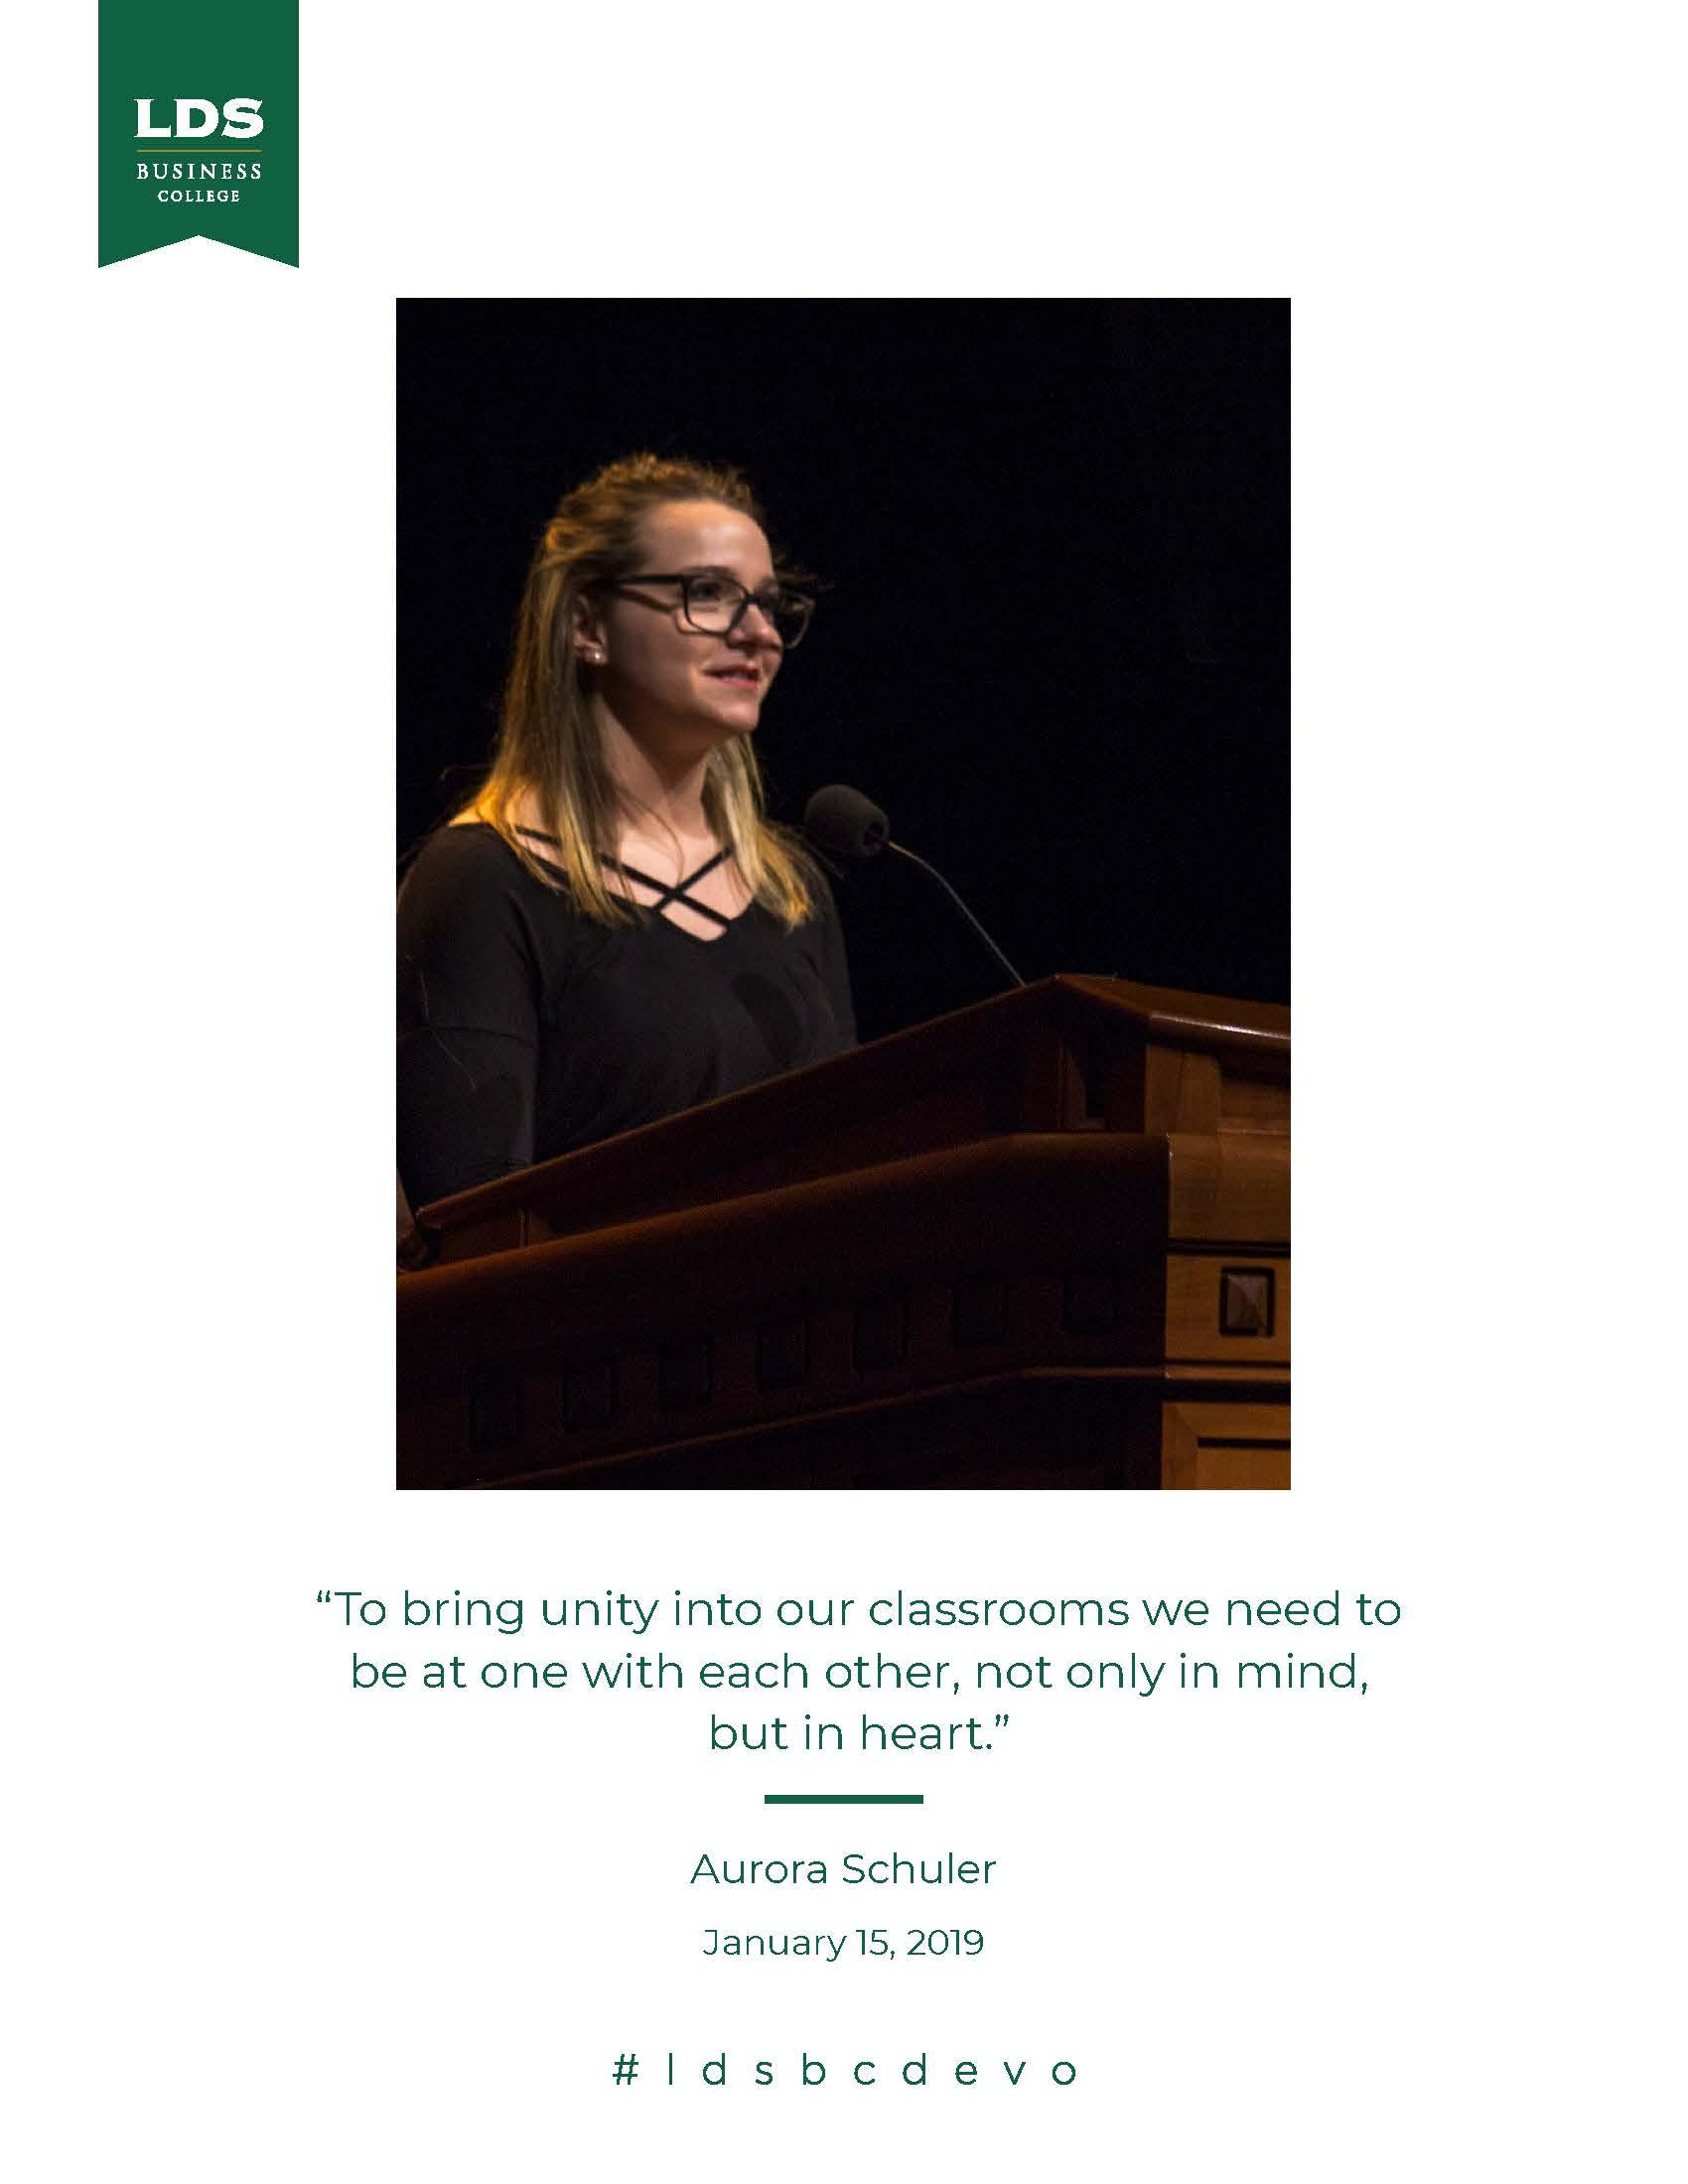 Aurora Schuler quote